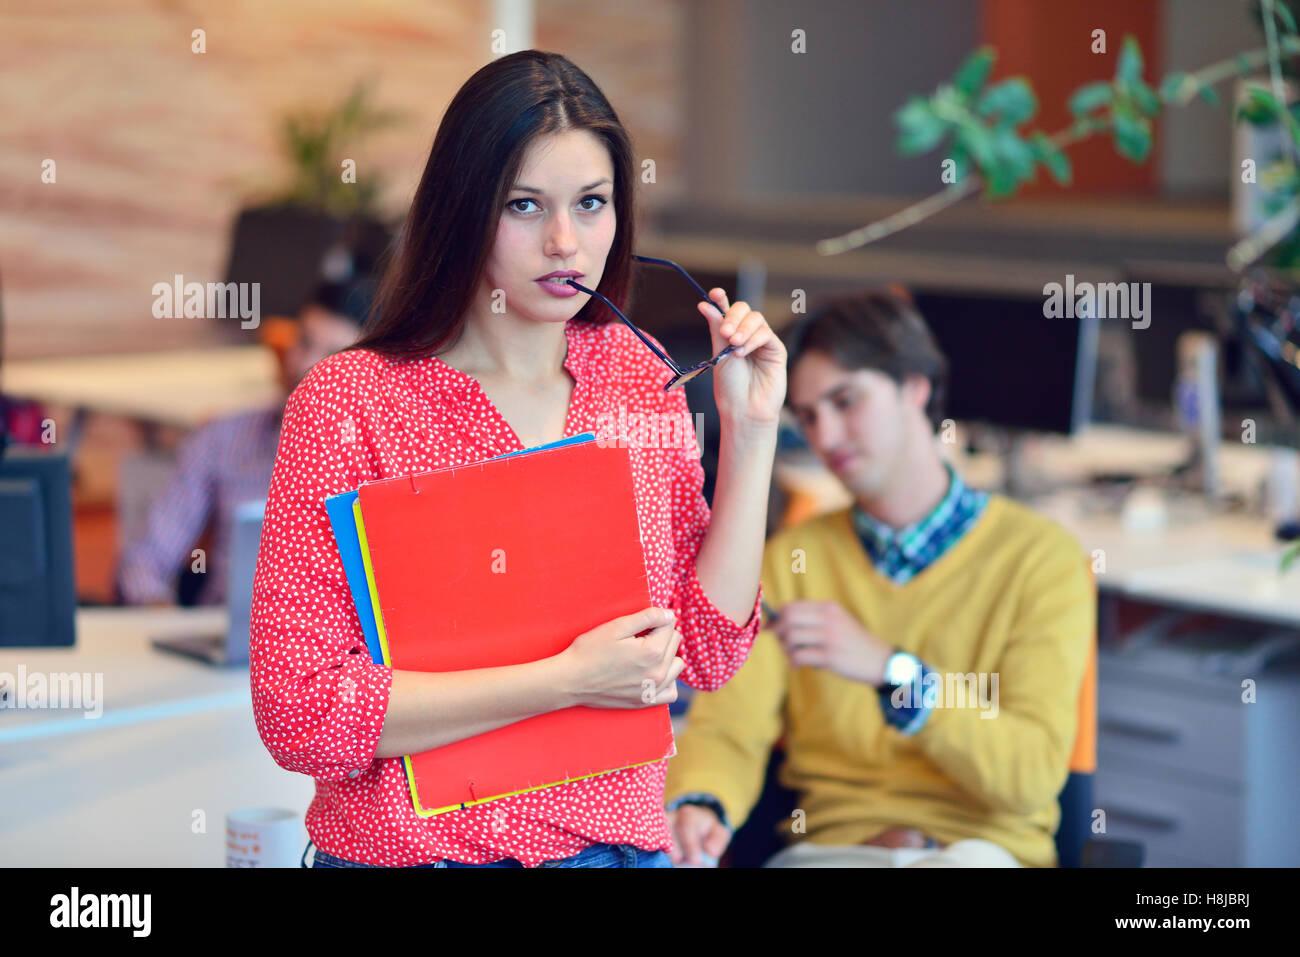 Les jeunes adultes en cours de formation en utilisant le pavé tactile Photo Stock